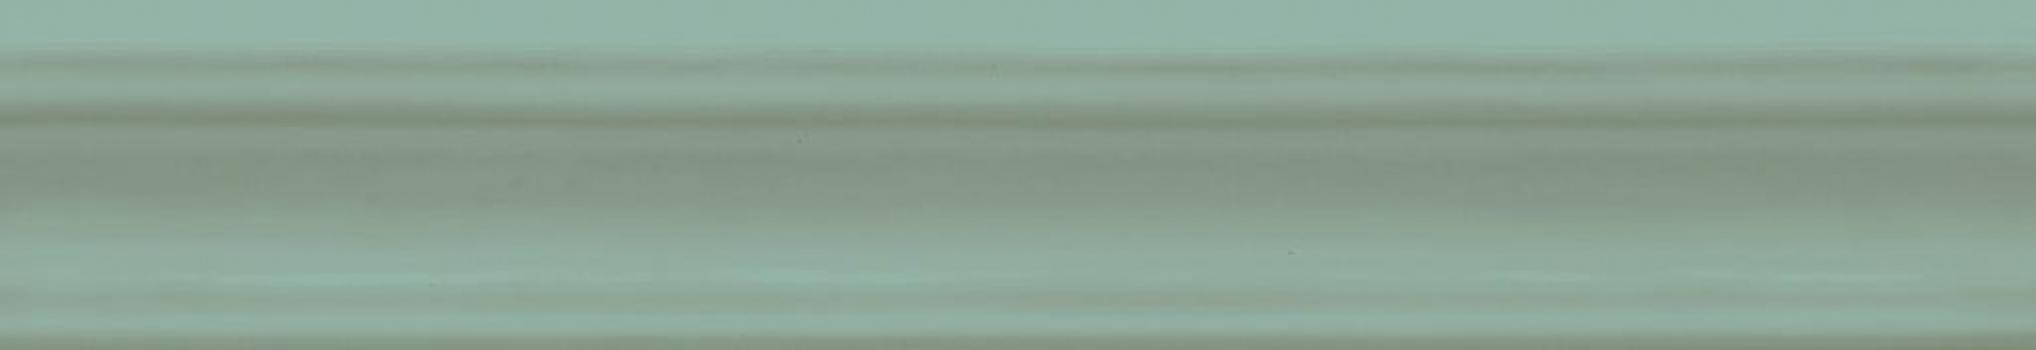 opal moldura turquoise 30*5 CIFRE